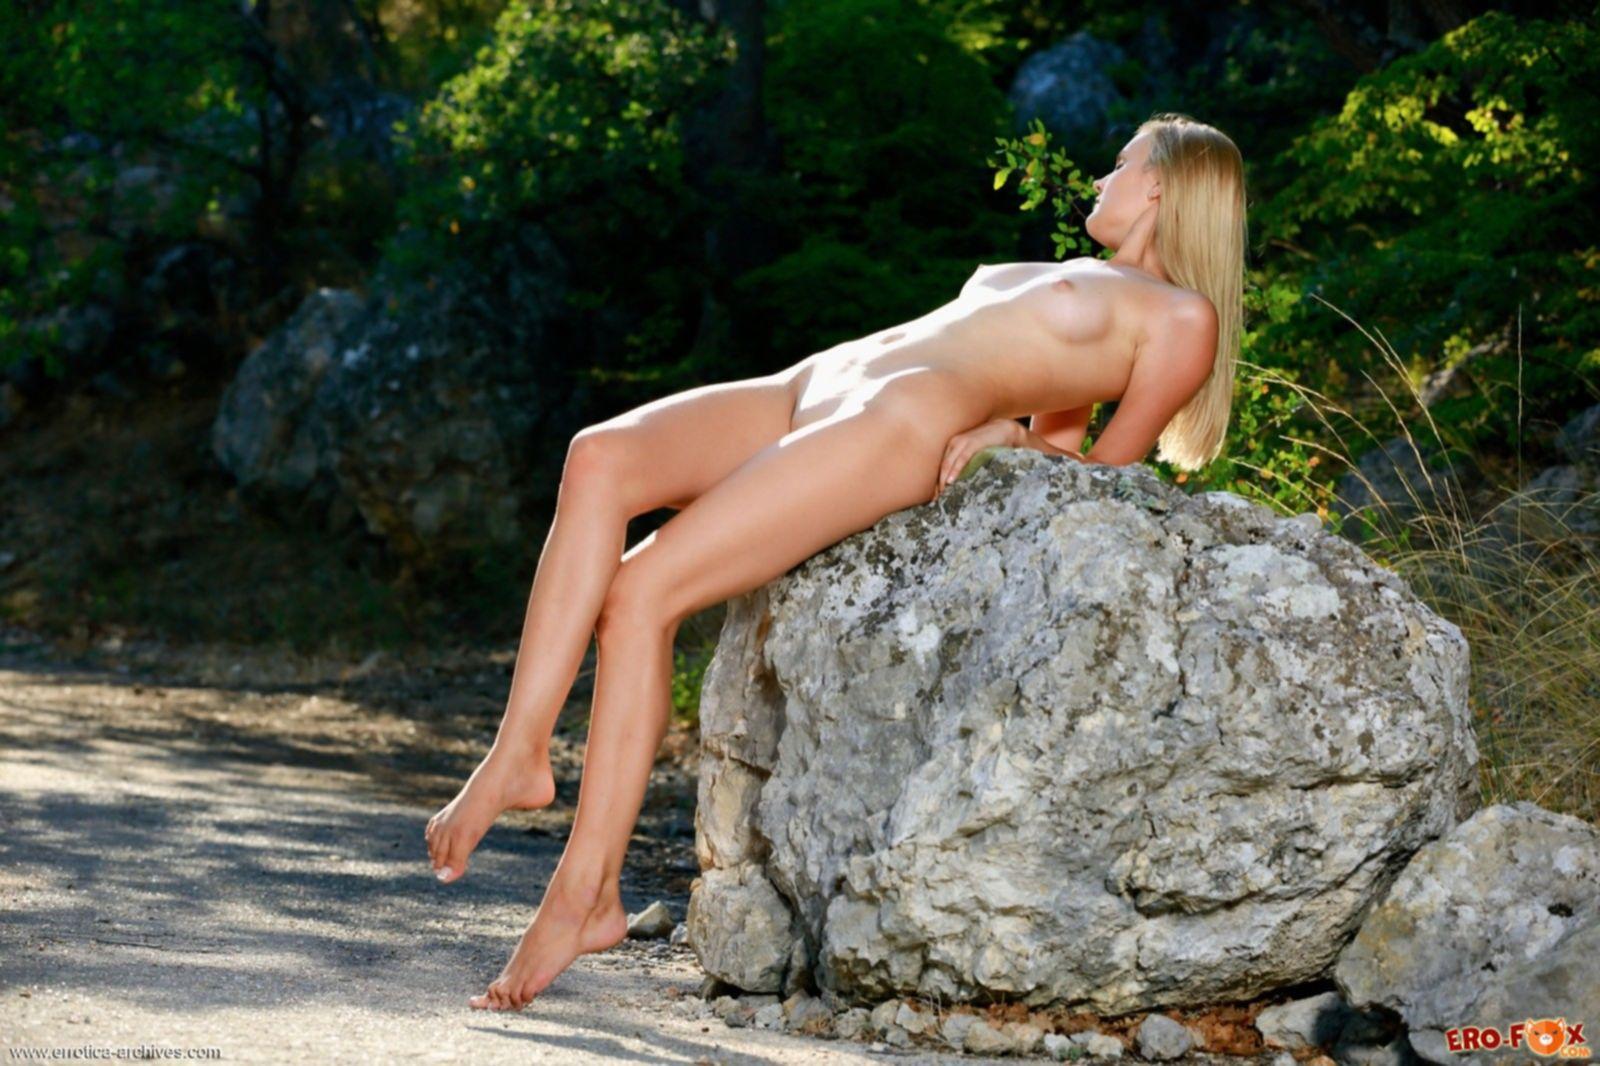 Блондинка с сексуальным телом на природе - фото